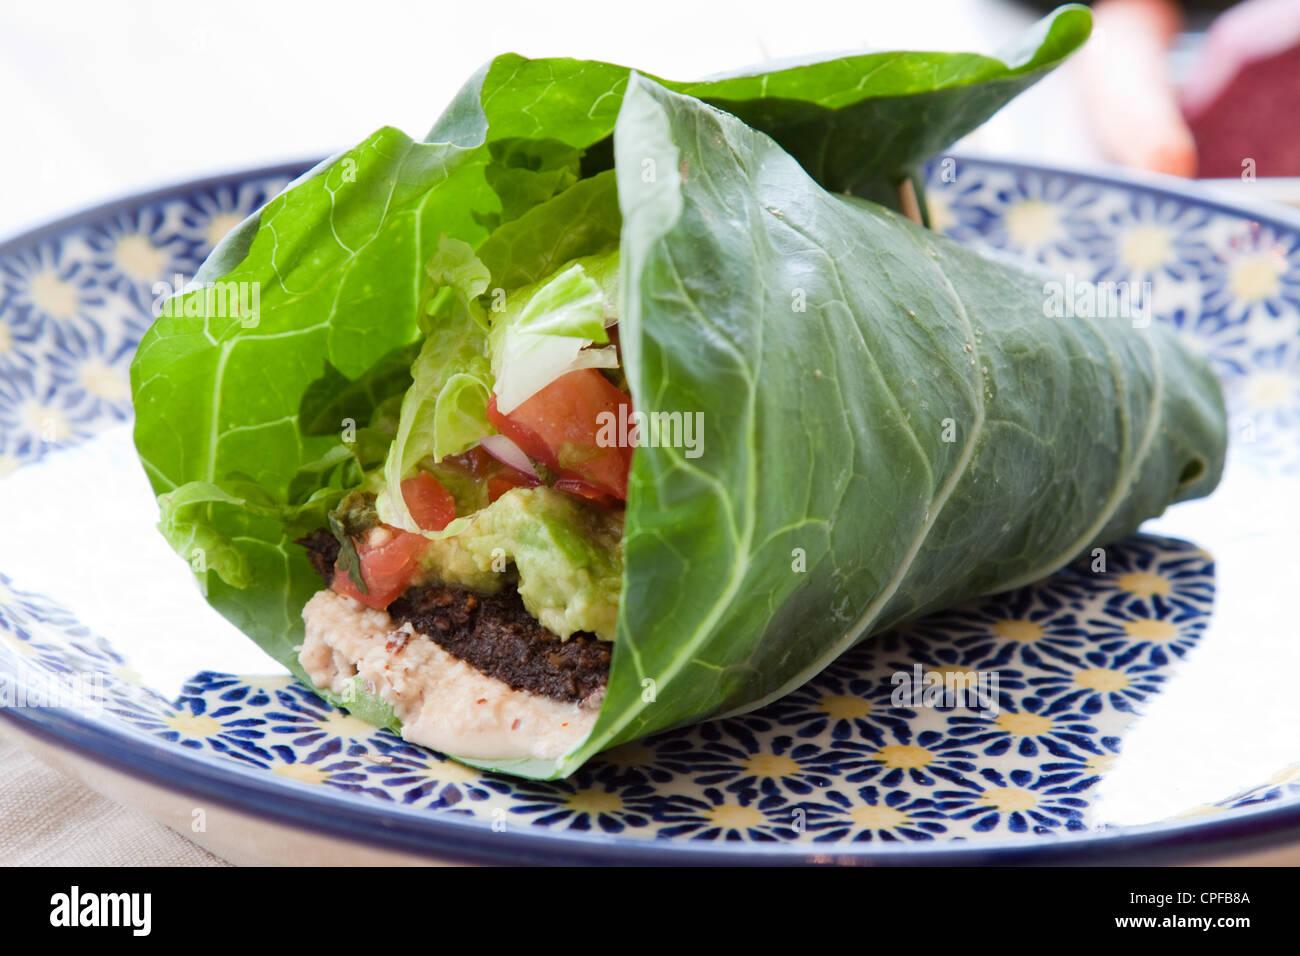 L'écrou, le guacamole pain assaisonné, laitue romaine, la salsa & amande fromage noix enveloppée Photo Stock